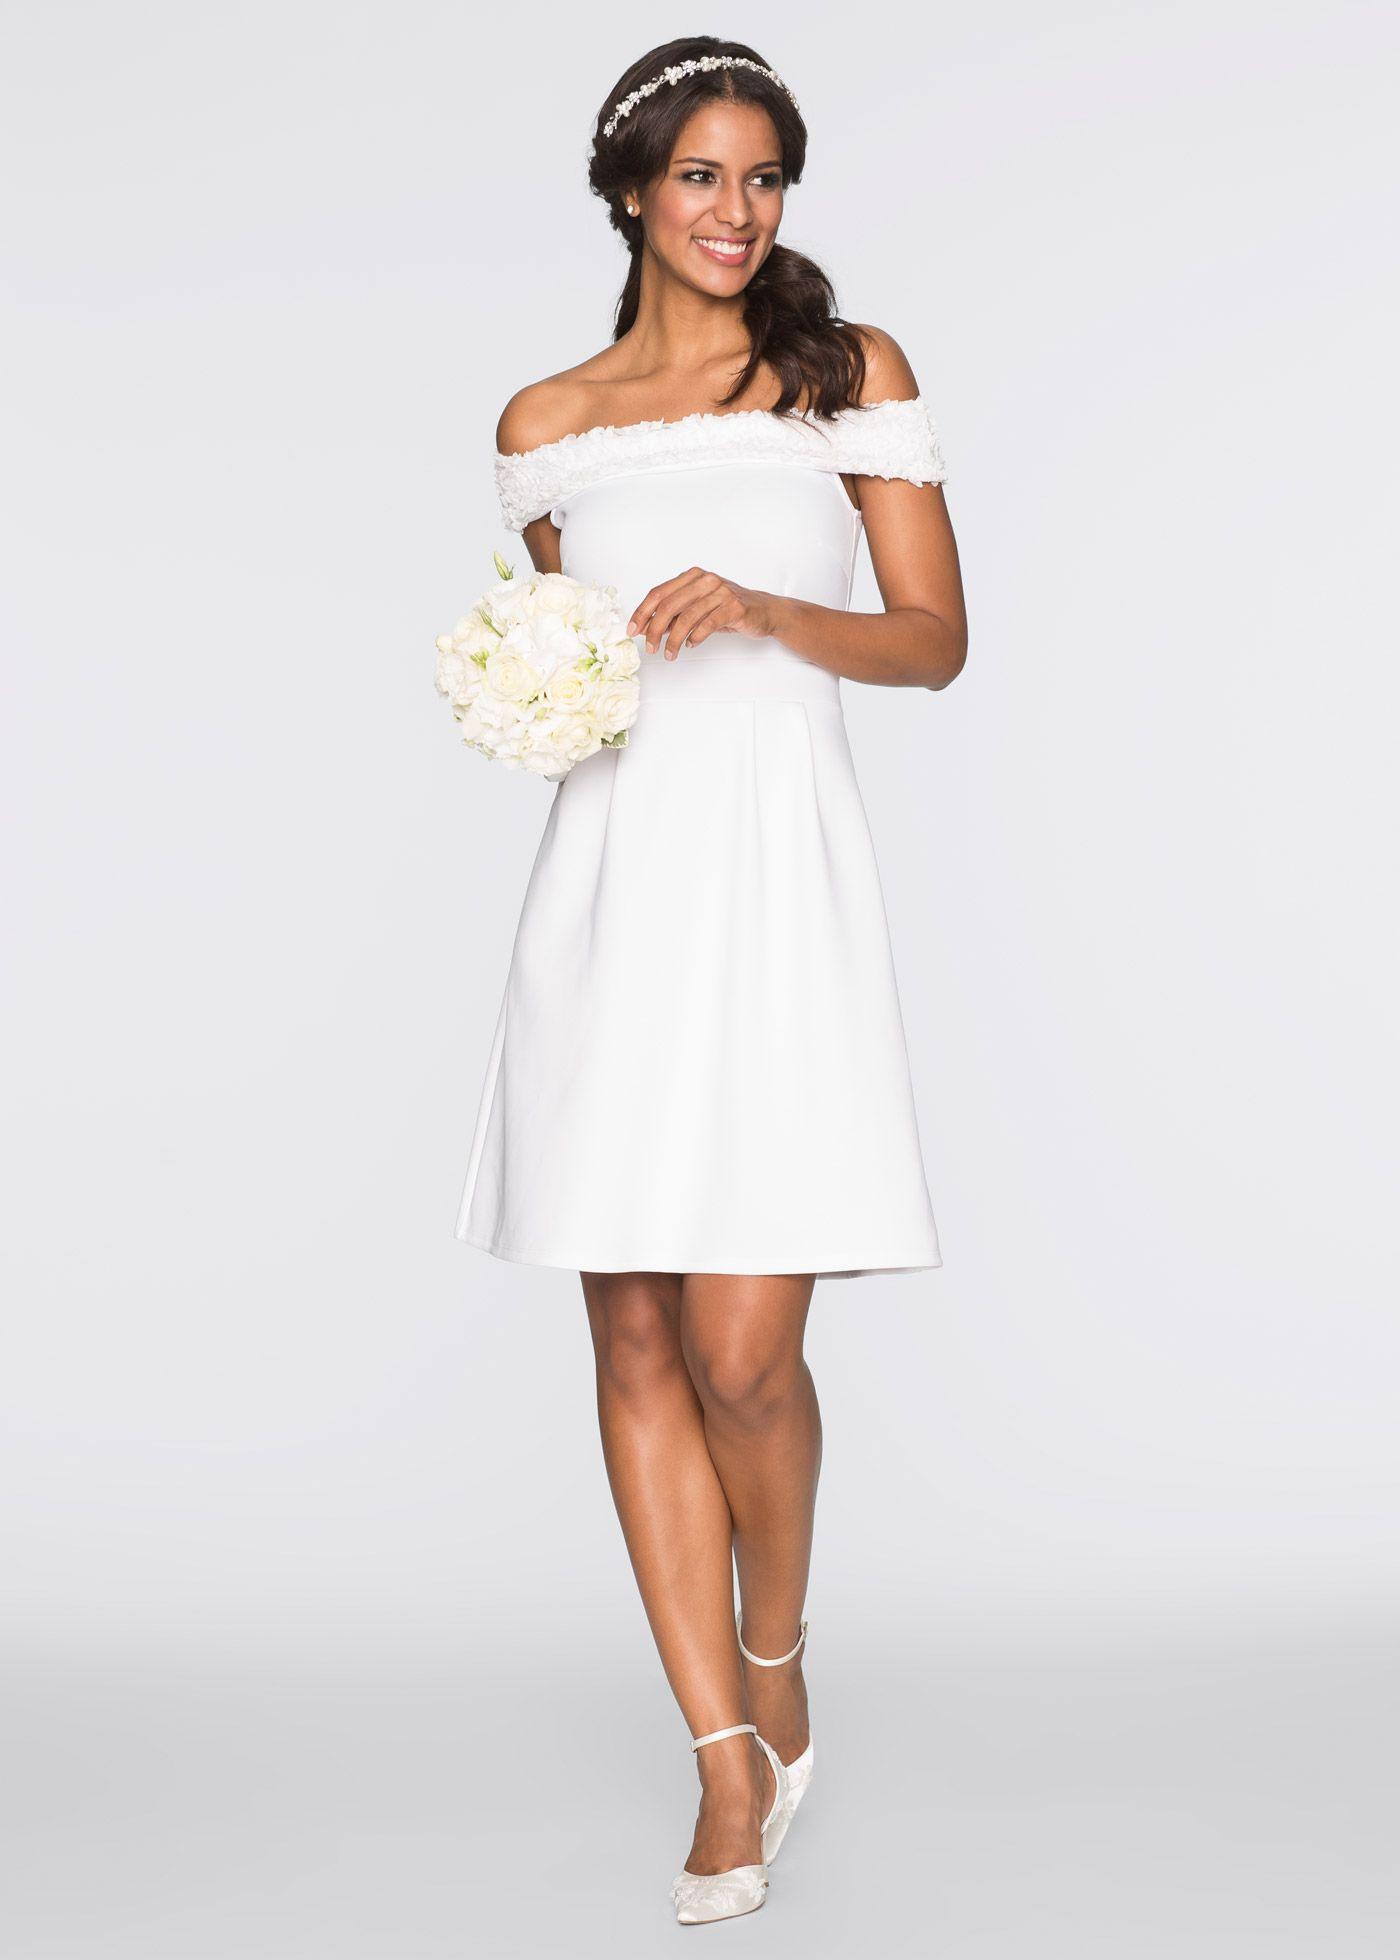 Kleid Weiß Jetzt Im Online Shop Von Bonprixde Ab € 3899